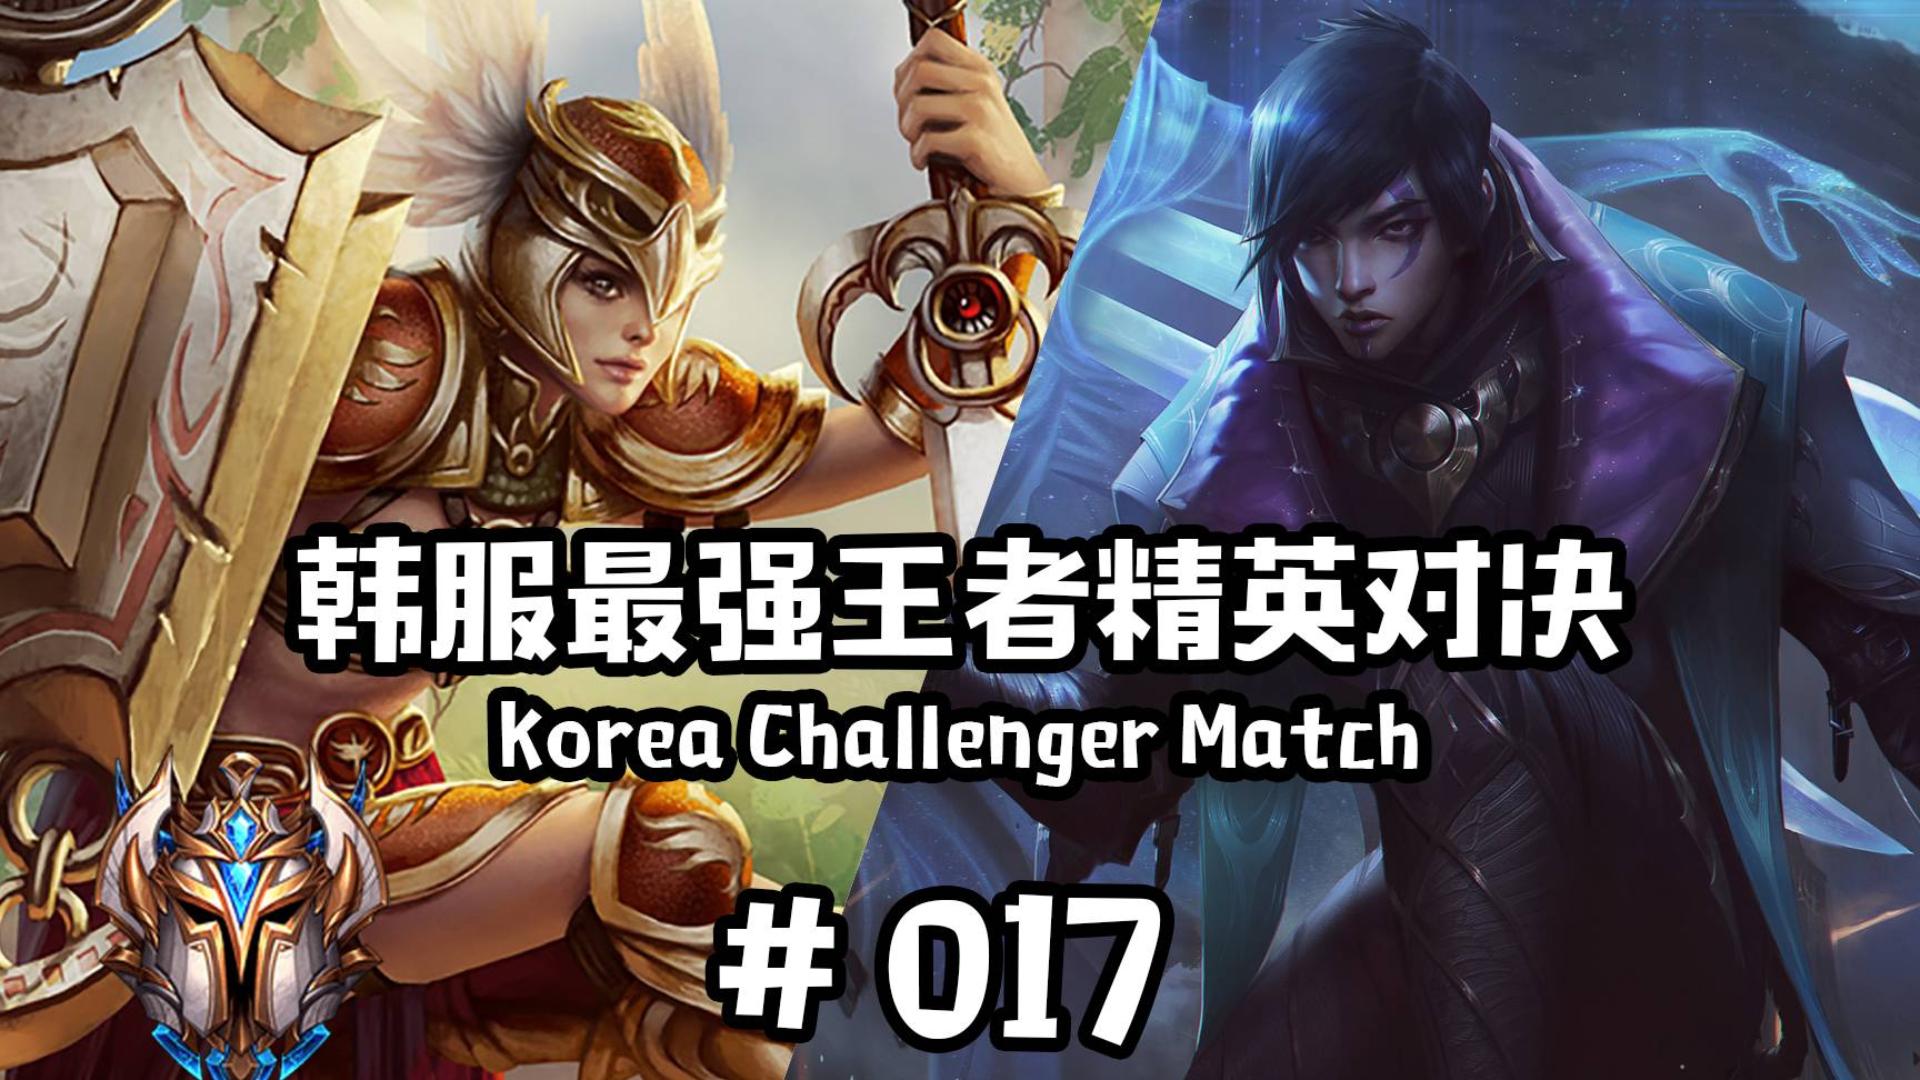 韩服最强王者精英对决 #017 丨大伙晚安